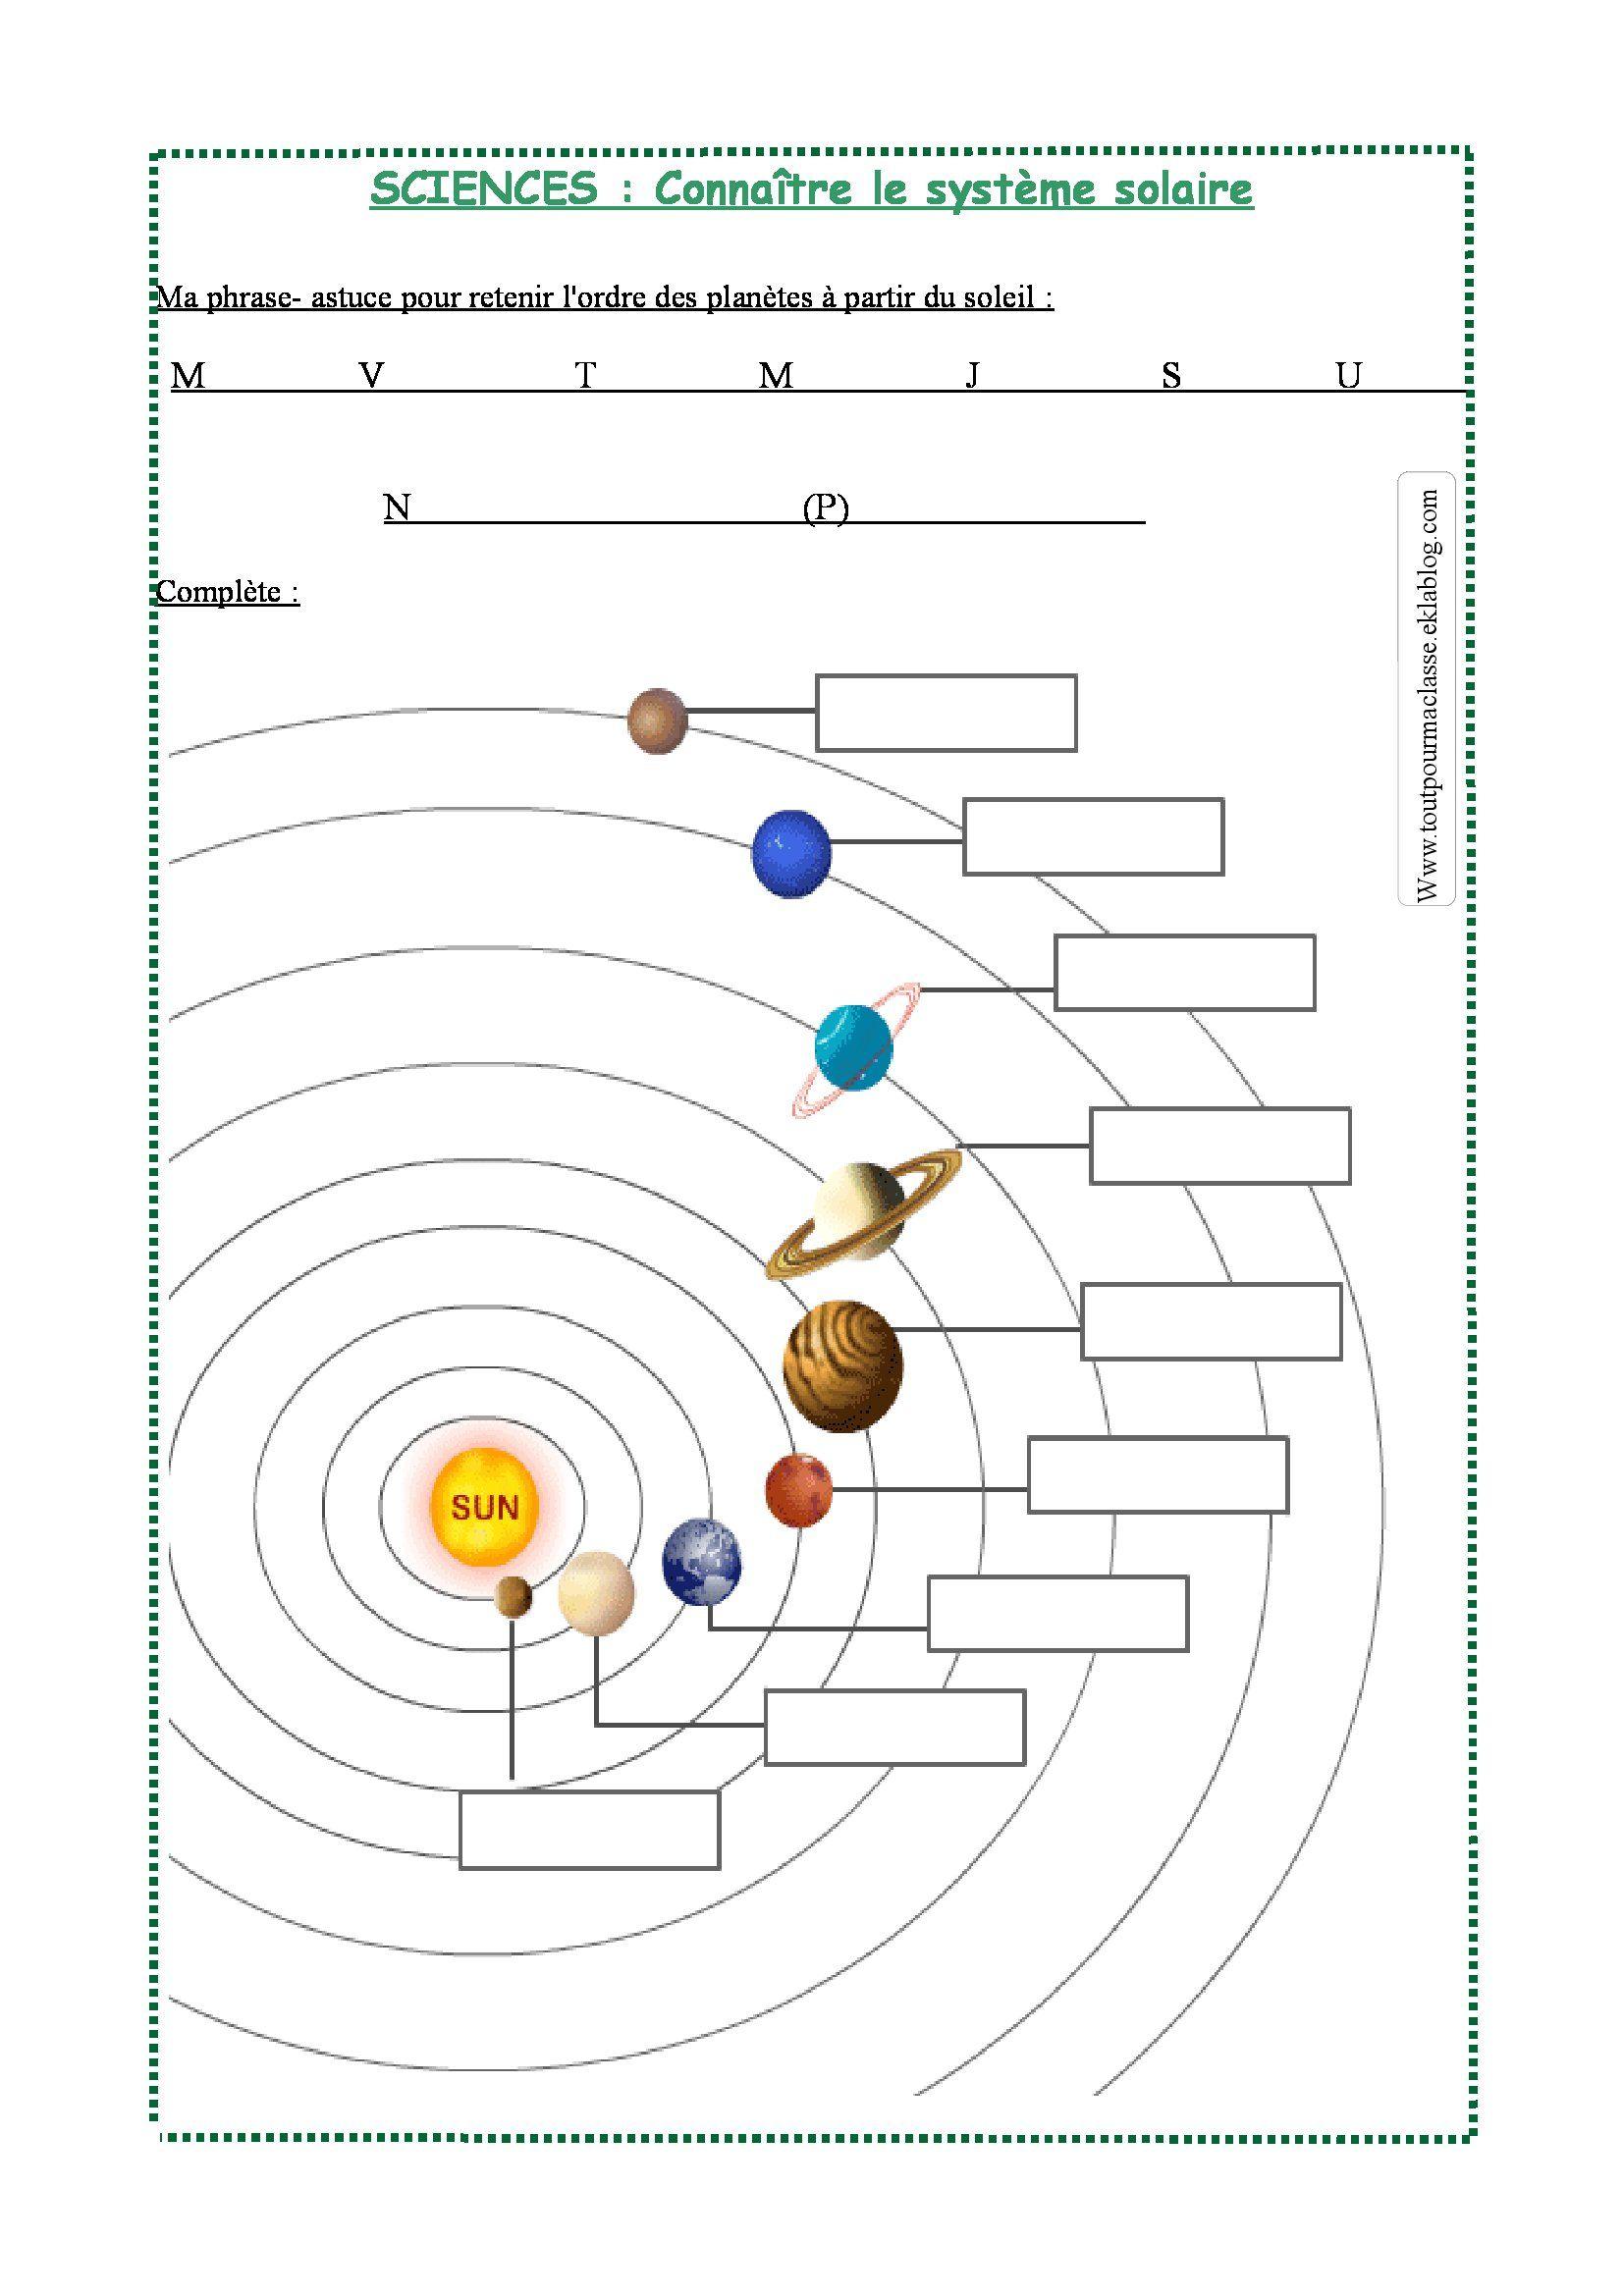 Le Système Solaire | Planete Systeme Solaire, Le Système dedans Dessin Systeme Solaire